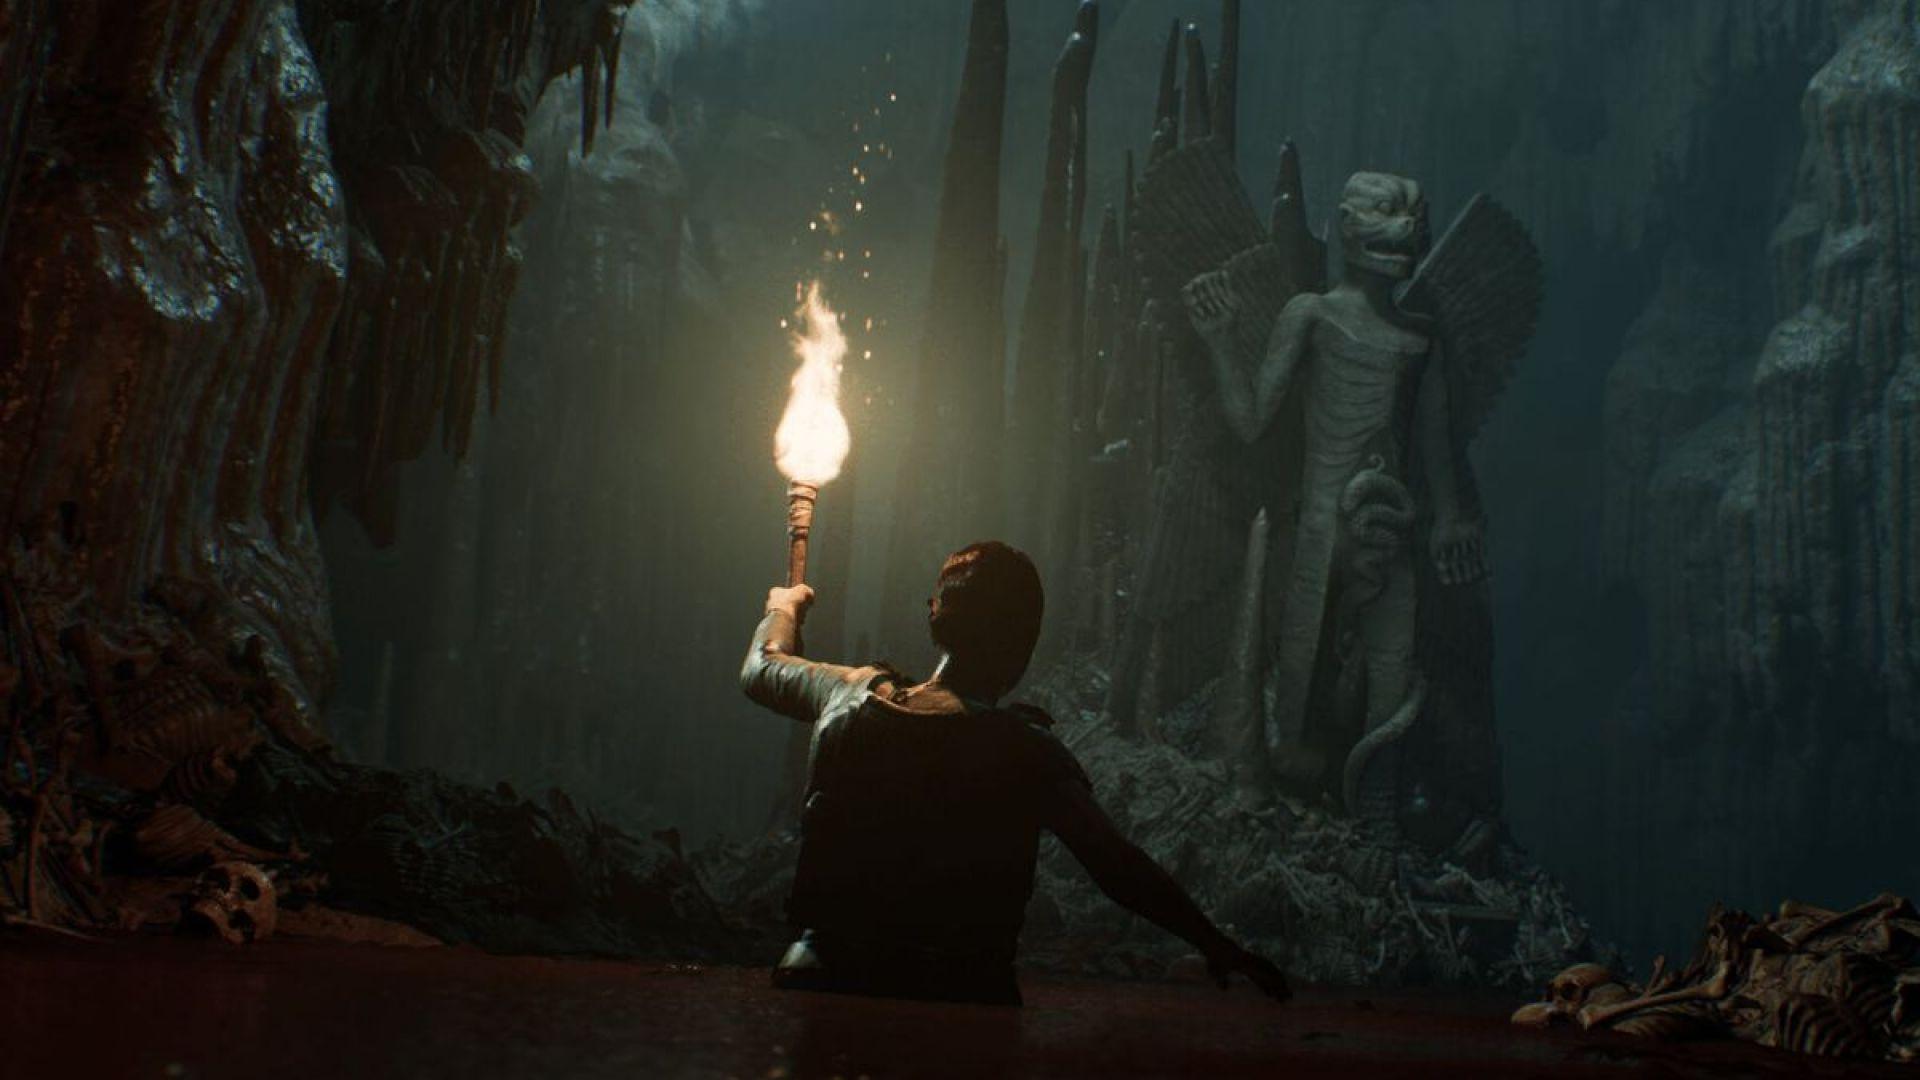 House of Ashes ще е с история, заимствана от митове за Акадската империя